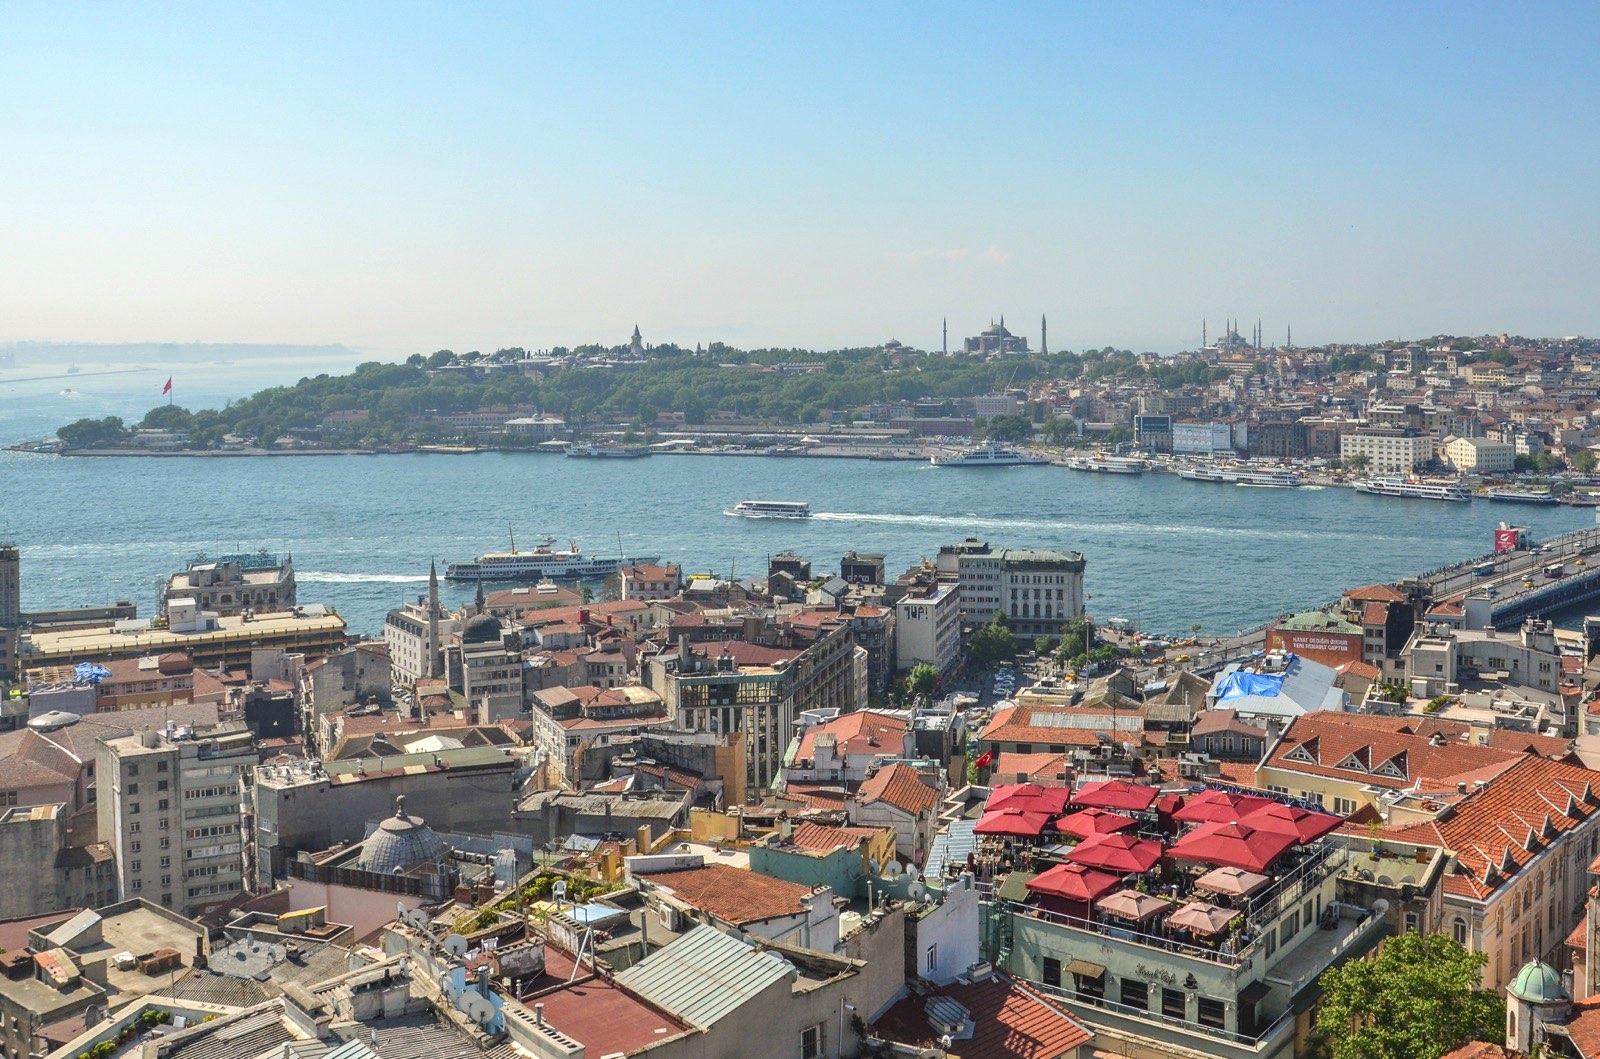 Sil Vous Reste Du Budget Pour Les Visites A Istanbul La Tour De Galata Est Un Lun Des Meilleurs Endroits Visiter Avoir Beau Panorama